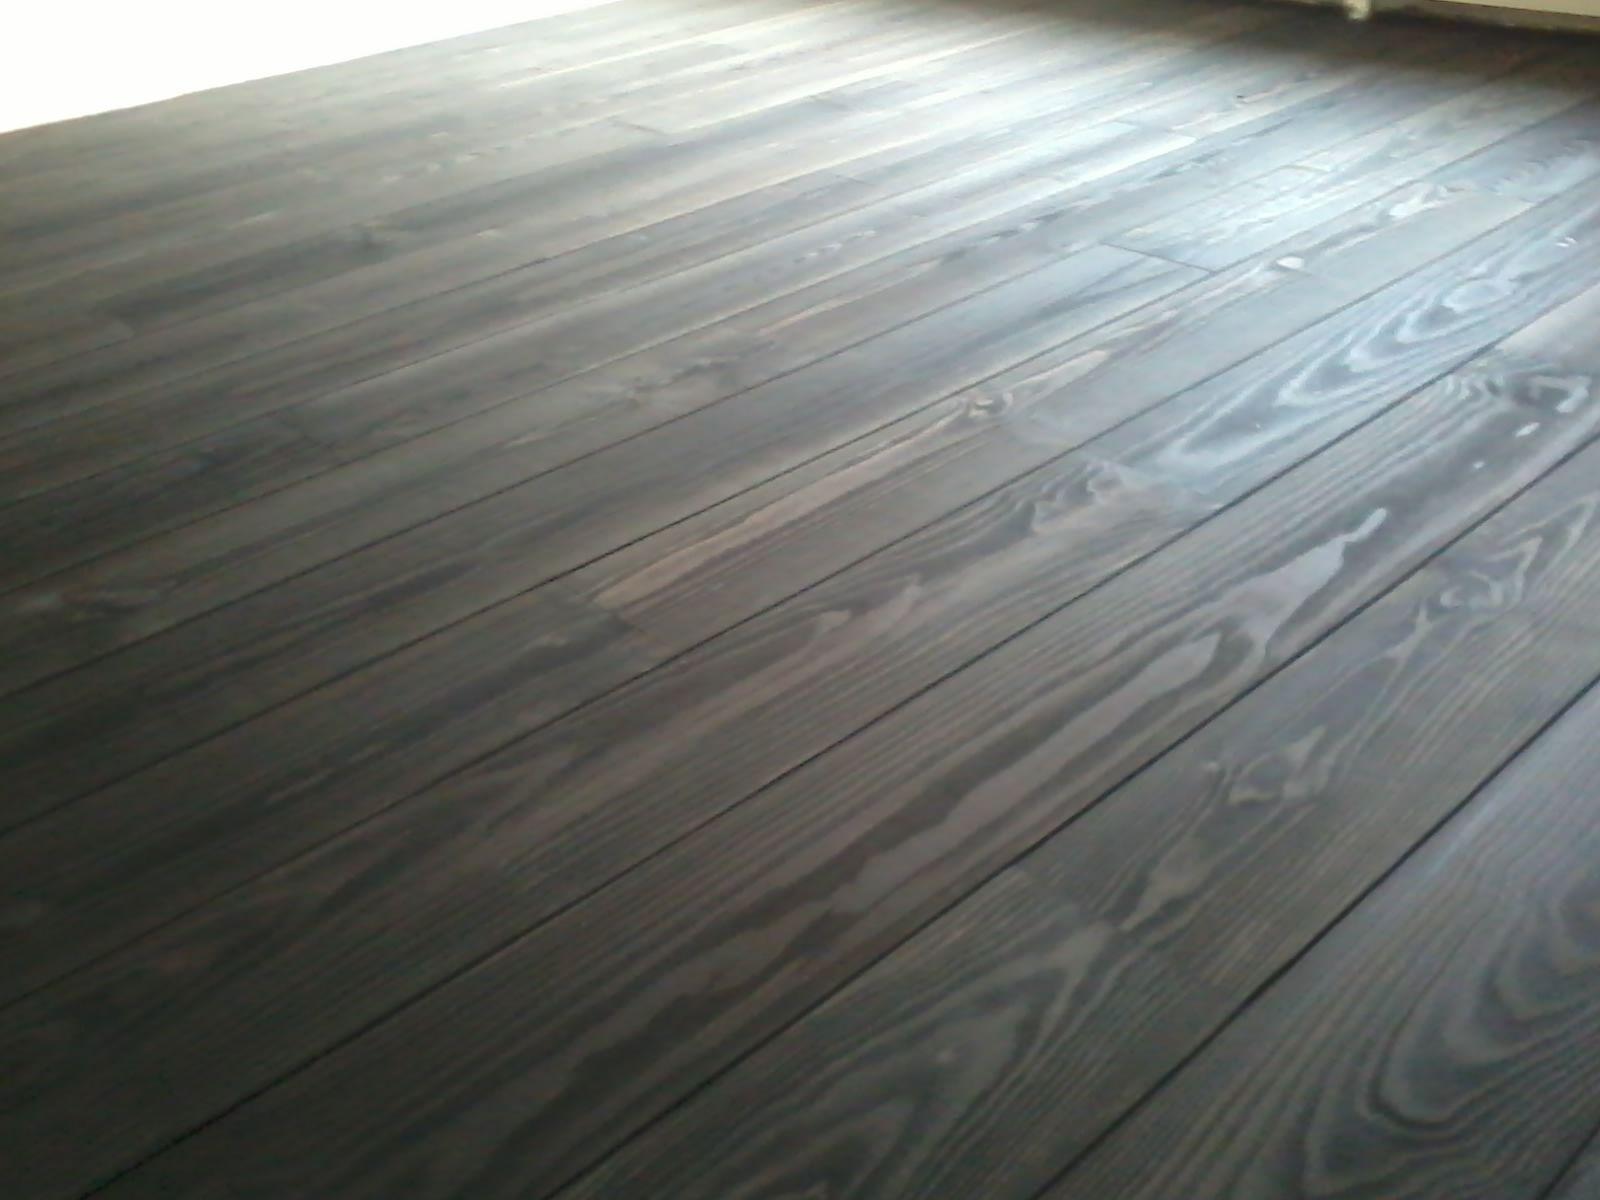 Afbeeldingsresultaat voor grenen vloer olie kleuren   Grenen vloer   Pinterest   Grenen, Beitsen